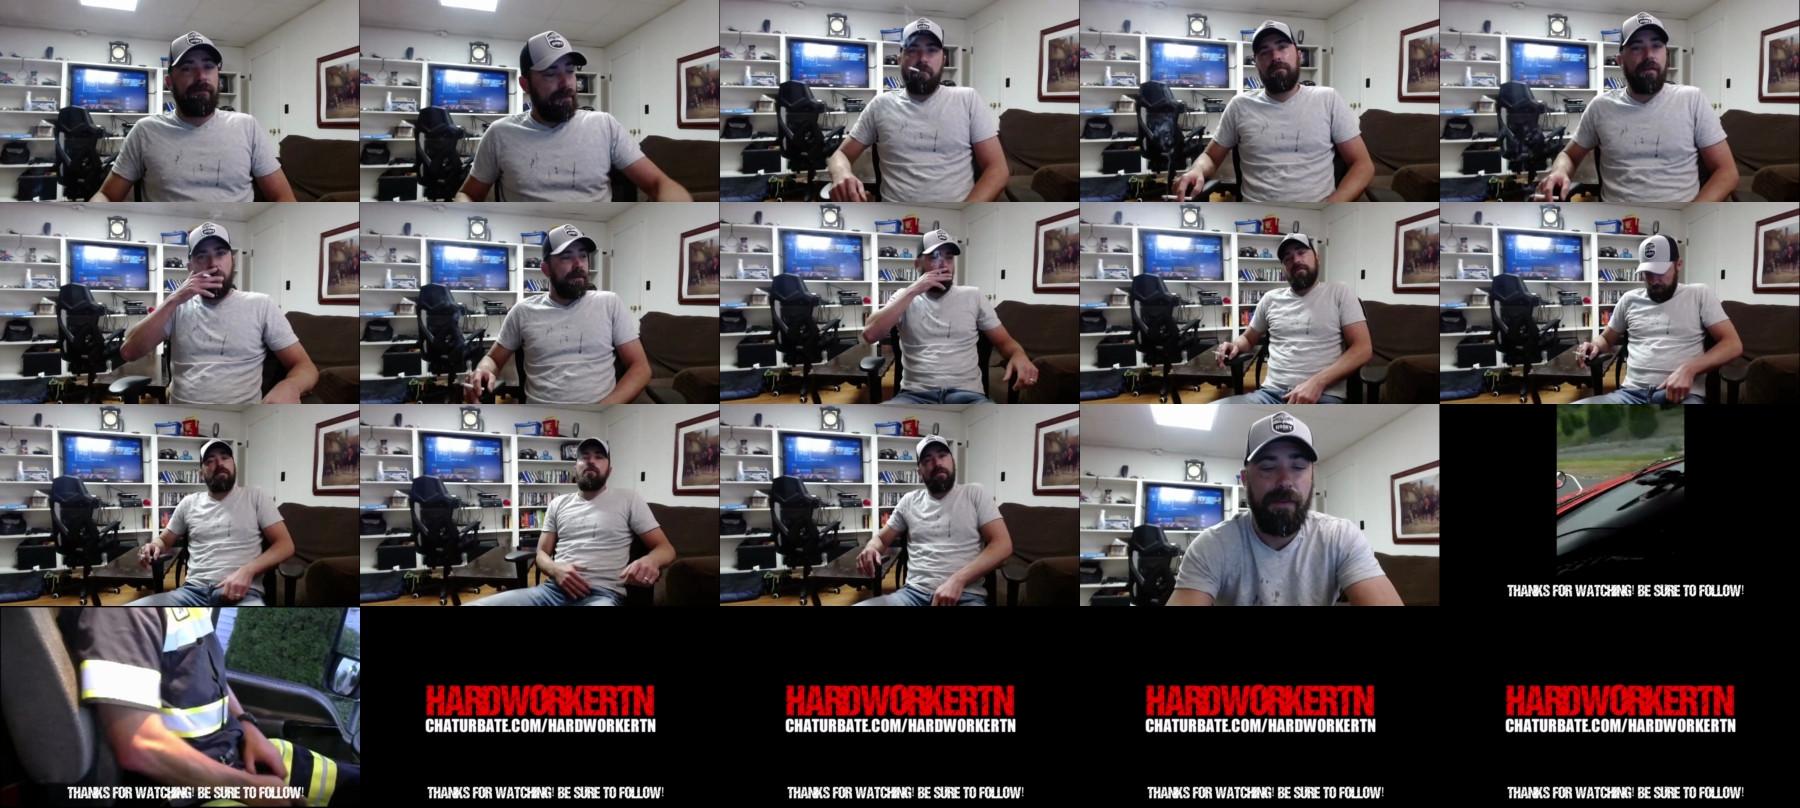 Hardworkertn Webcam CAM SHOW @ Chaturbate 04-05-2021